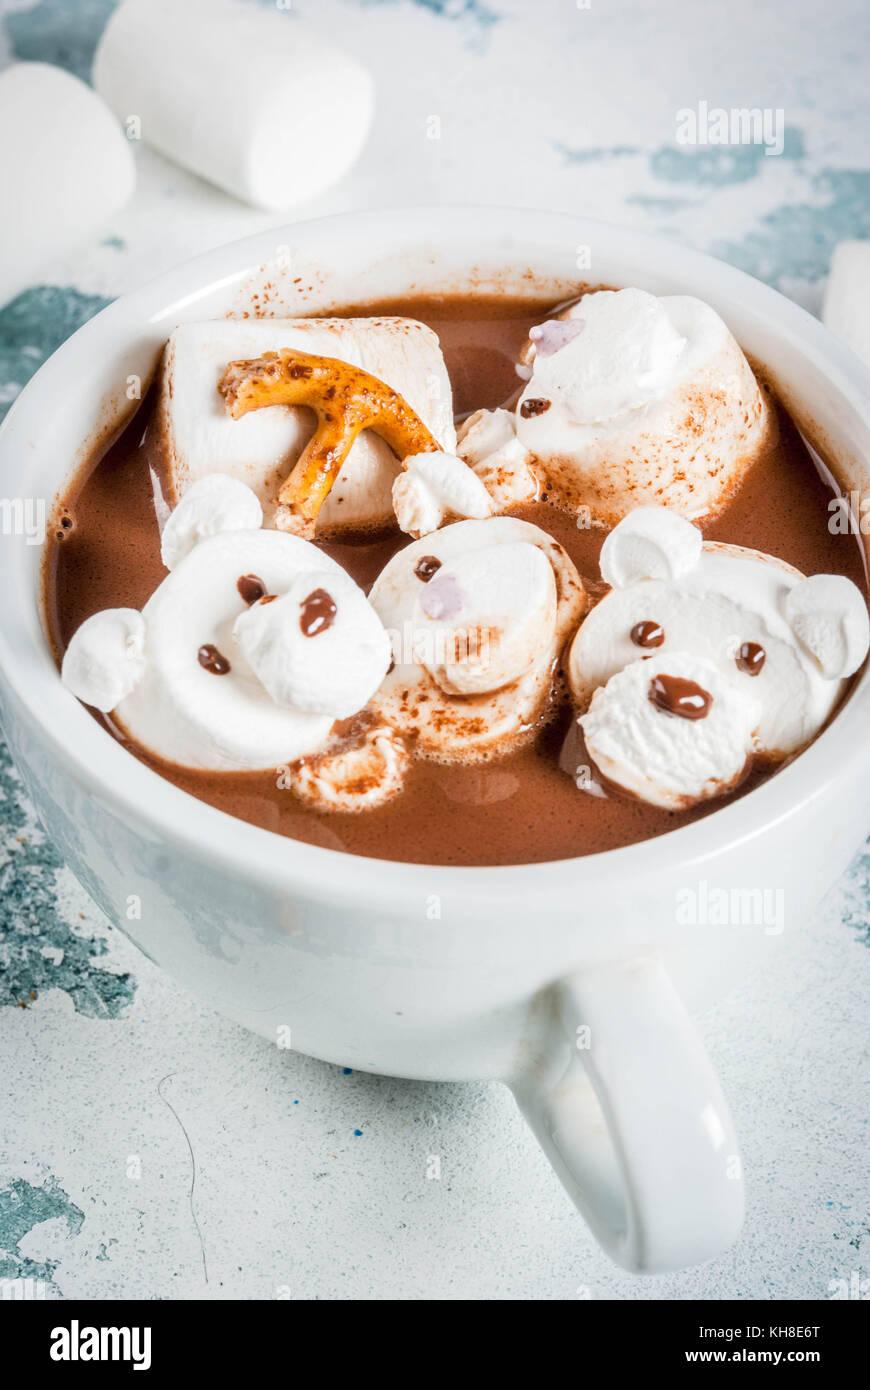 Idee für Kinder Weihnachten Snack, heiße Schokolade mit Teddybären ...